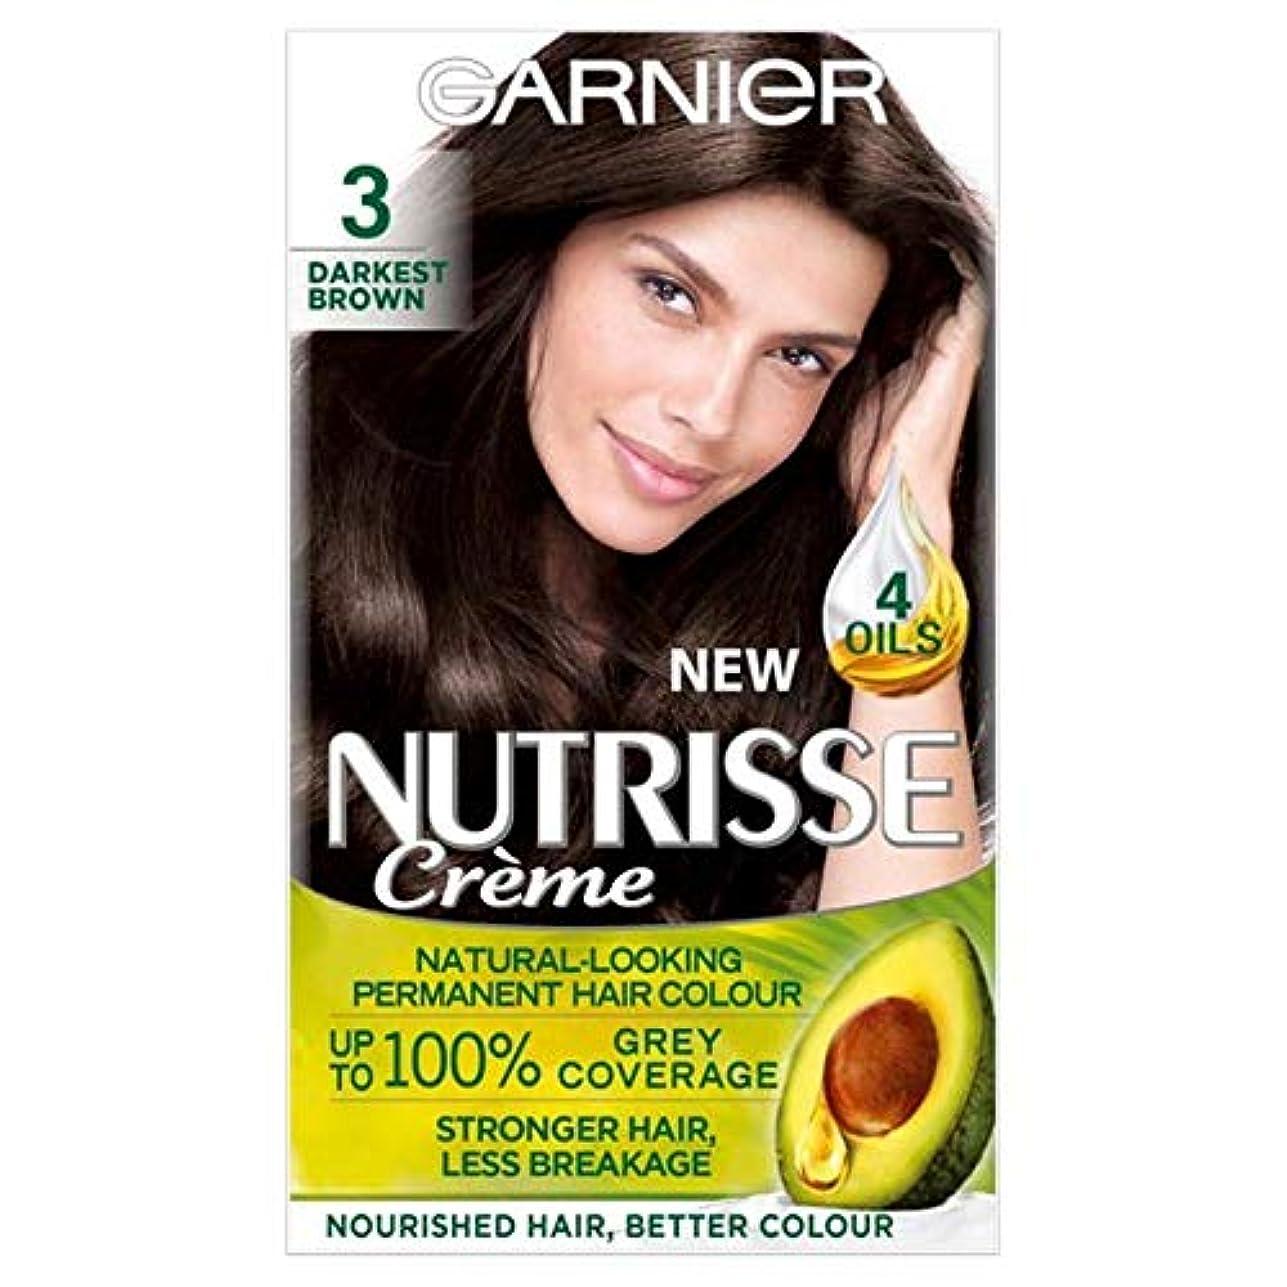 ジュラシックパーク長いです本[Nutrisse] ガルニエNutrisse最も暗い茶色の永久染毛剤 - Garnier Nutrisse Darkest Brown Permanent Hair Dye [並行輸入品]